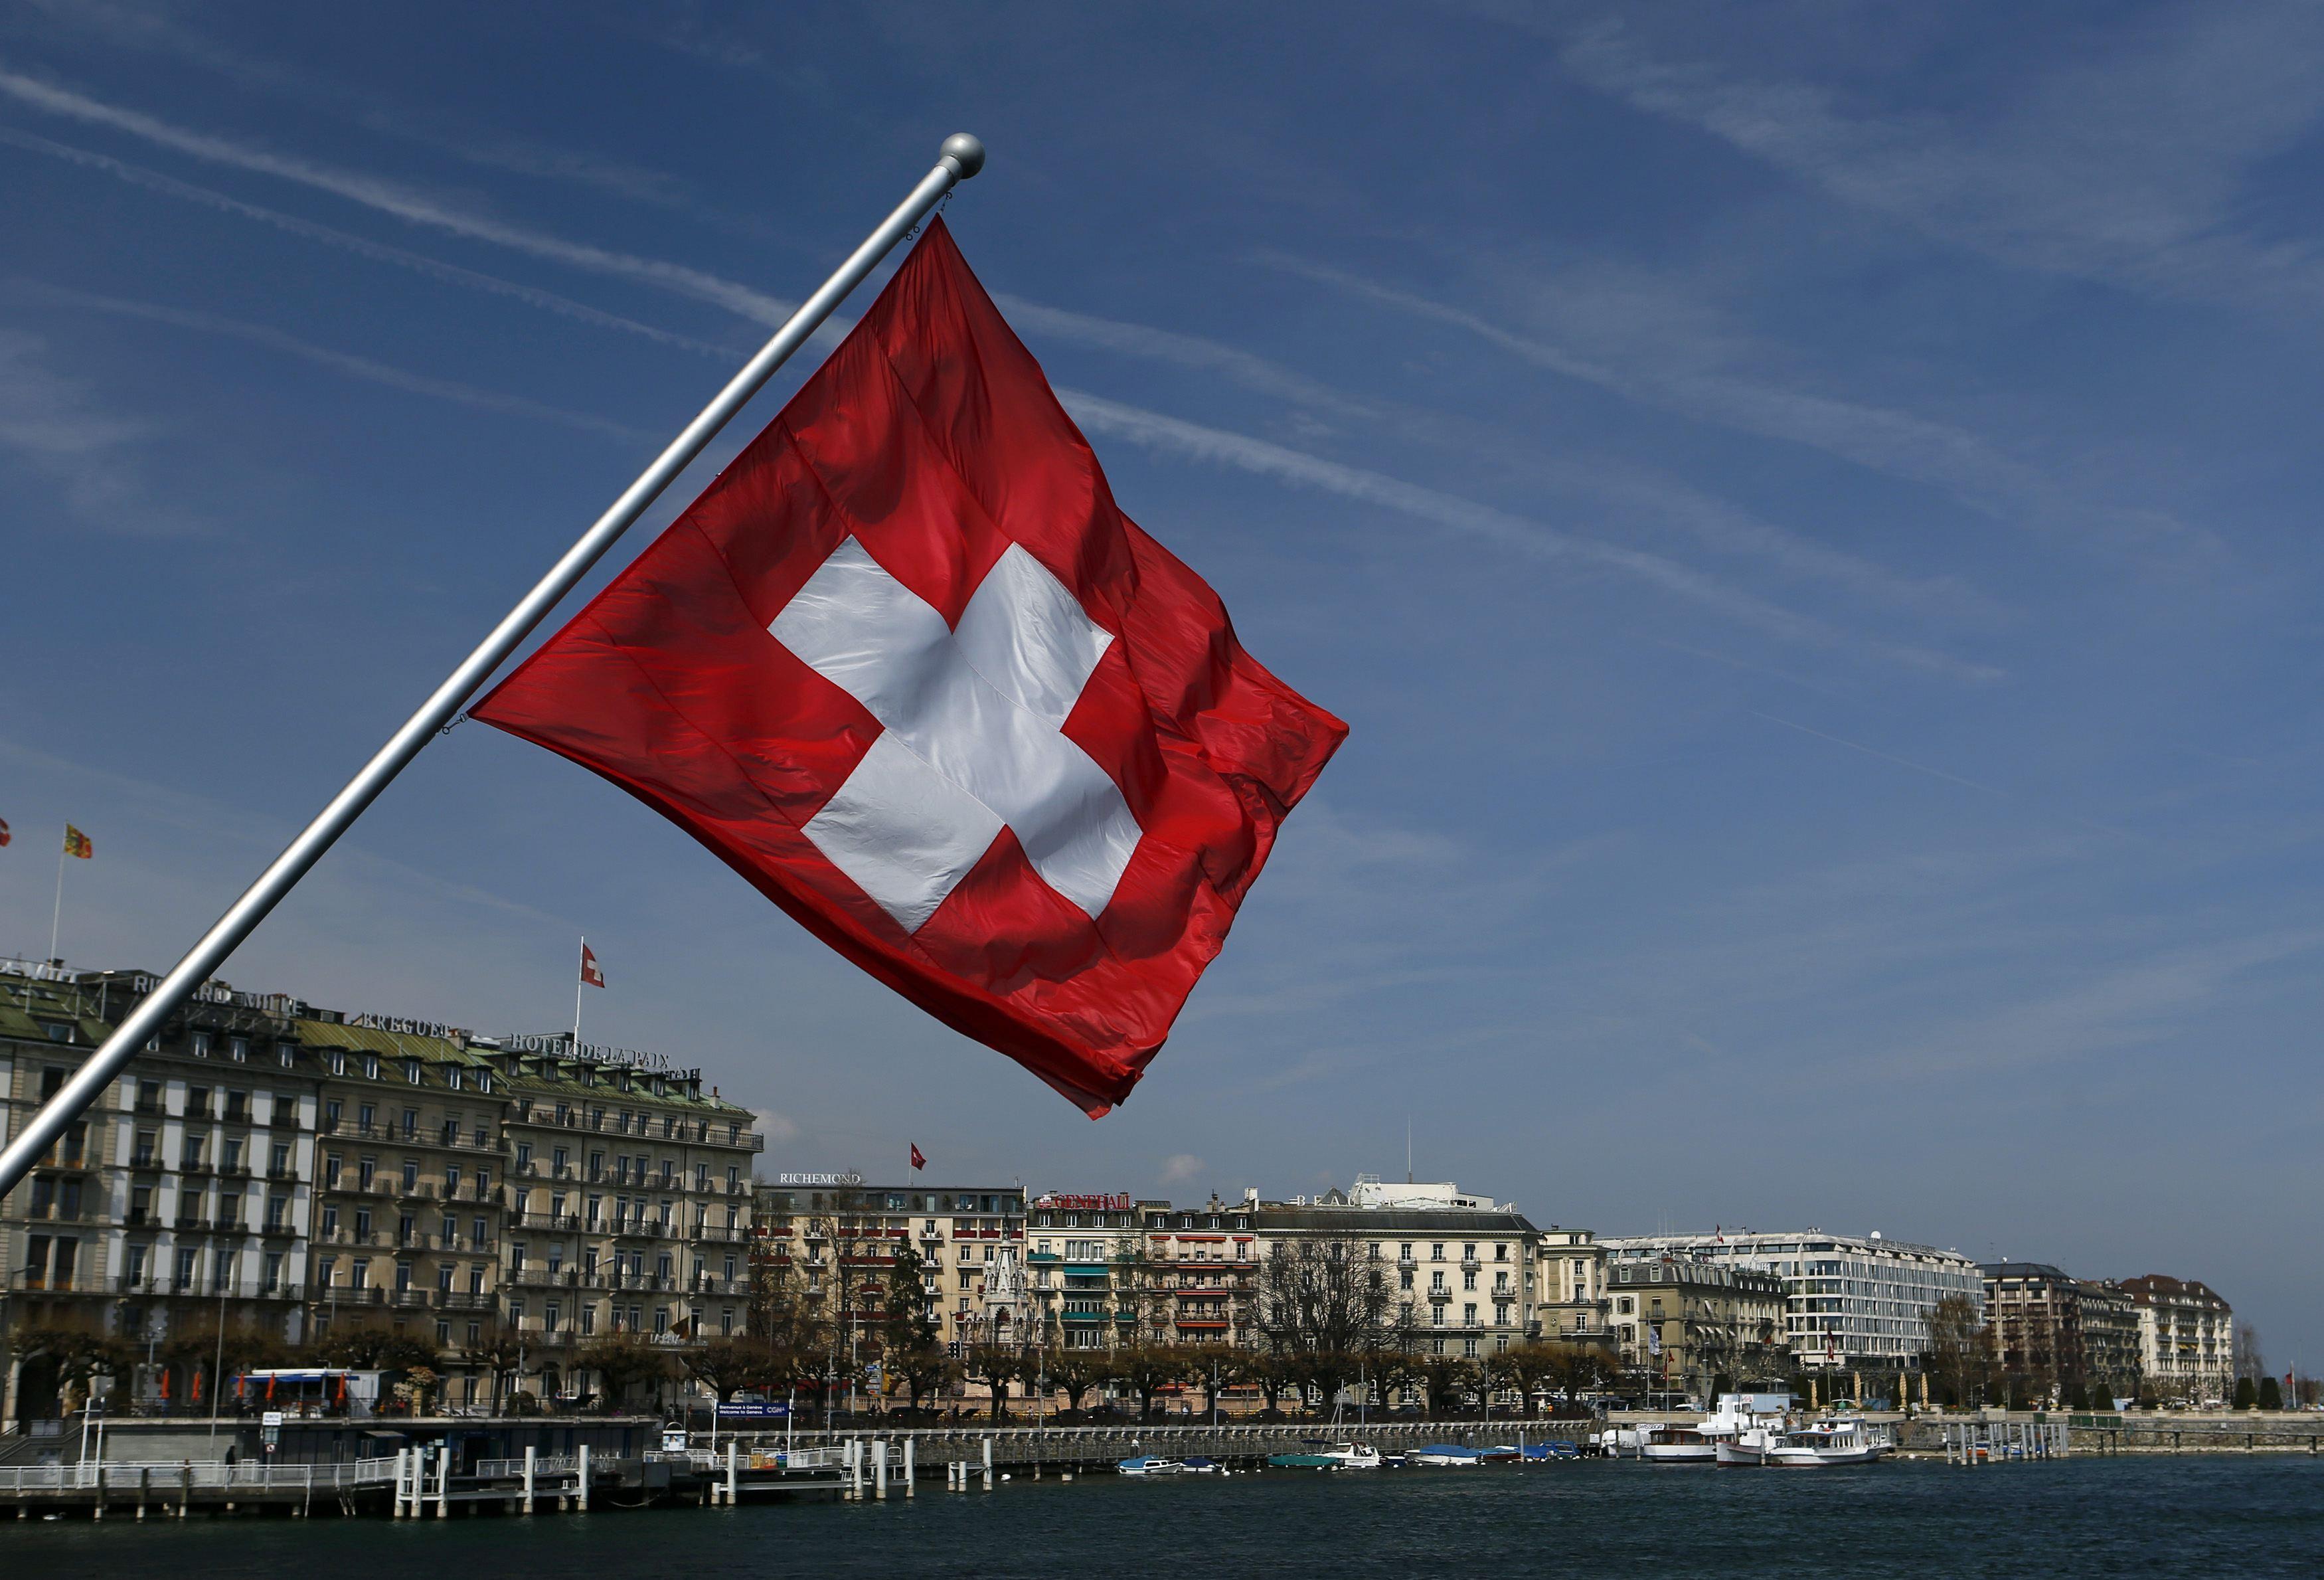 سويسرا تطوي صفحة السرية المصرفية مع التبادل الآلي للمعلومات